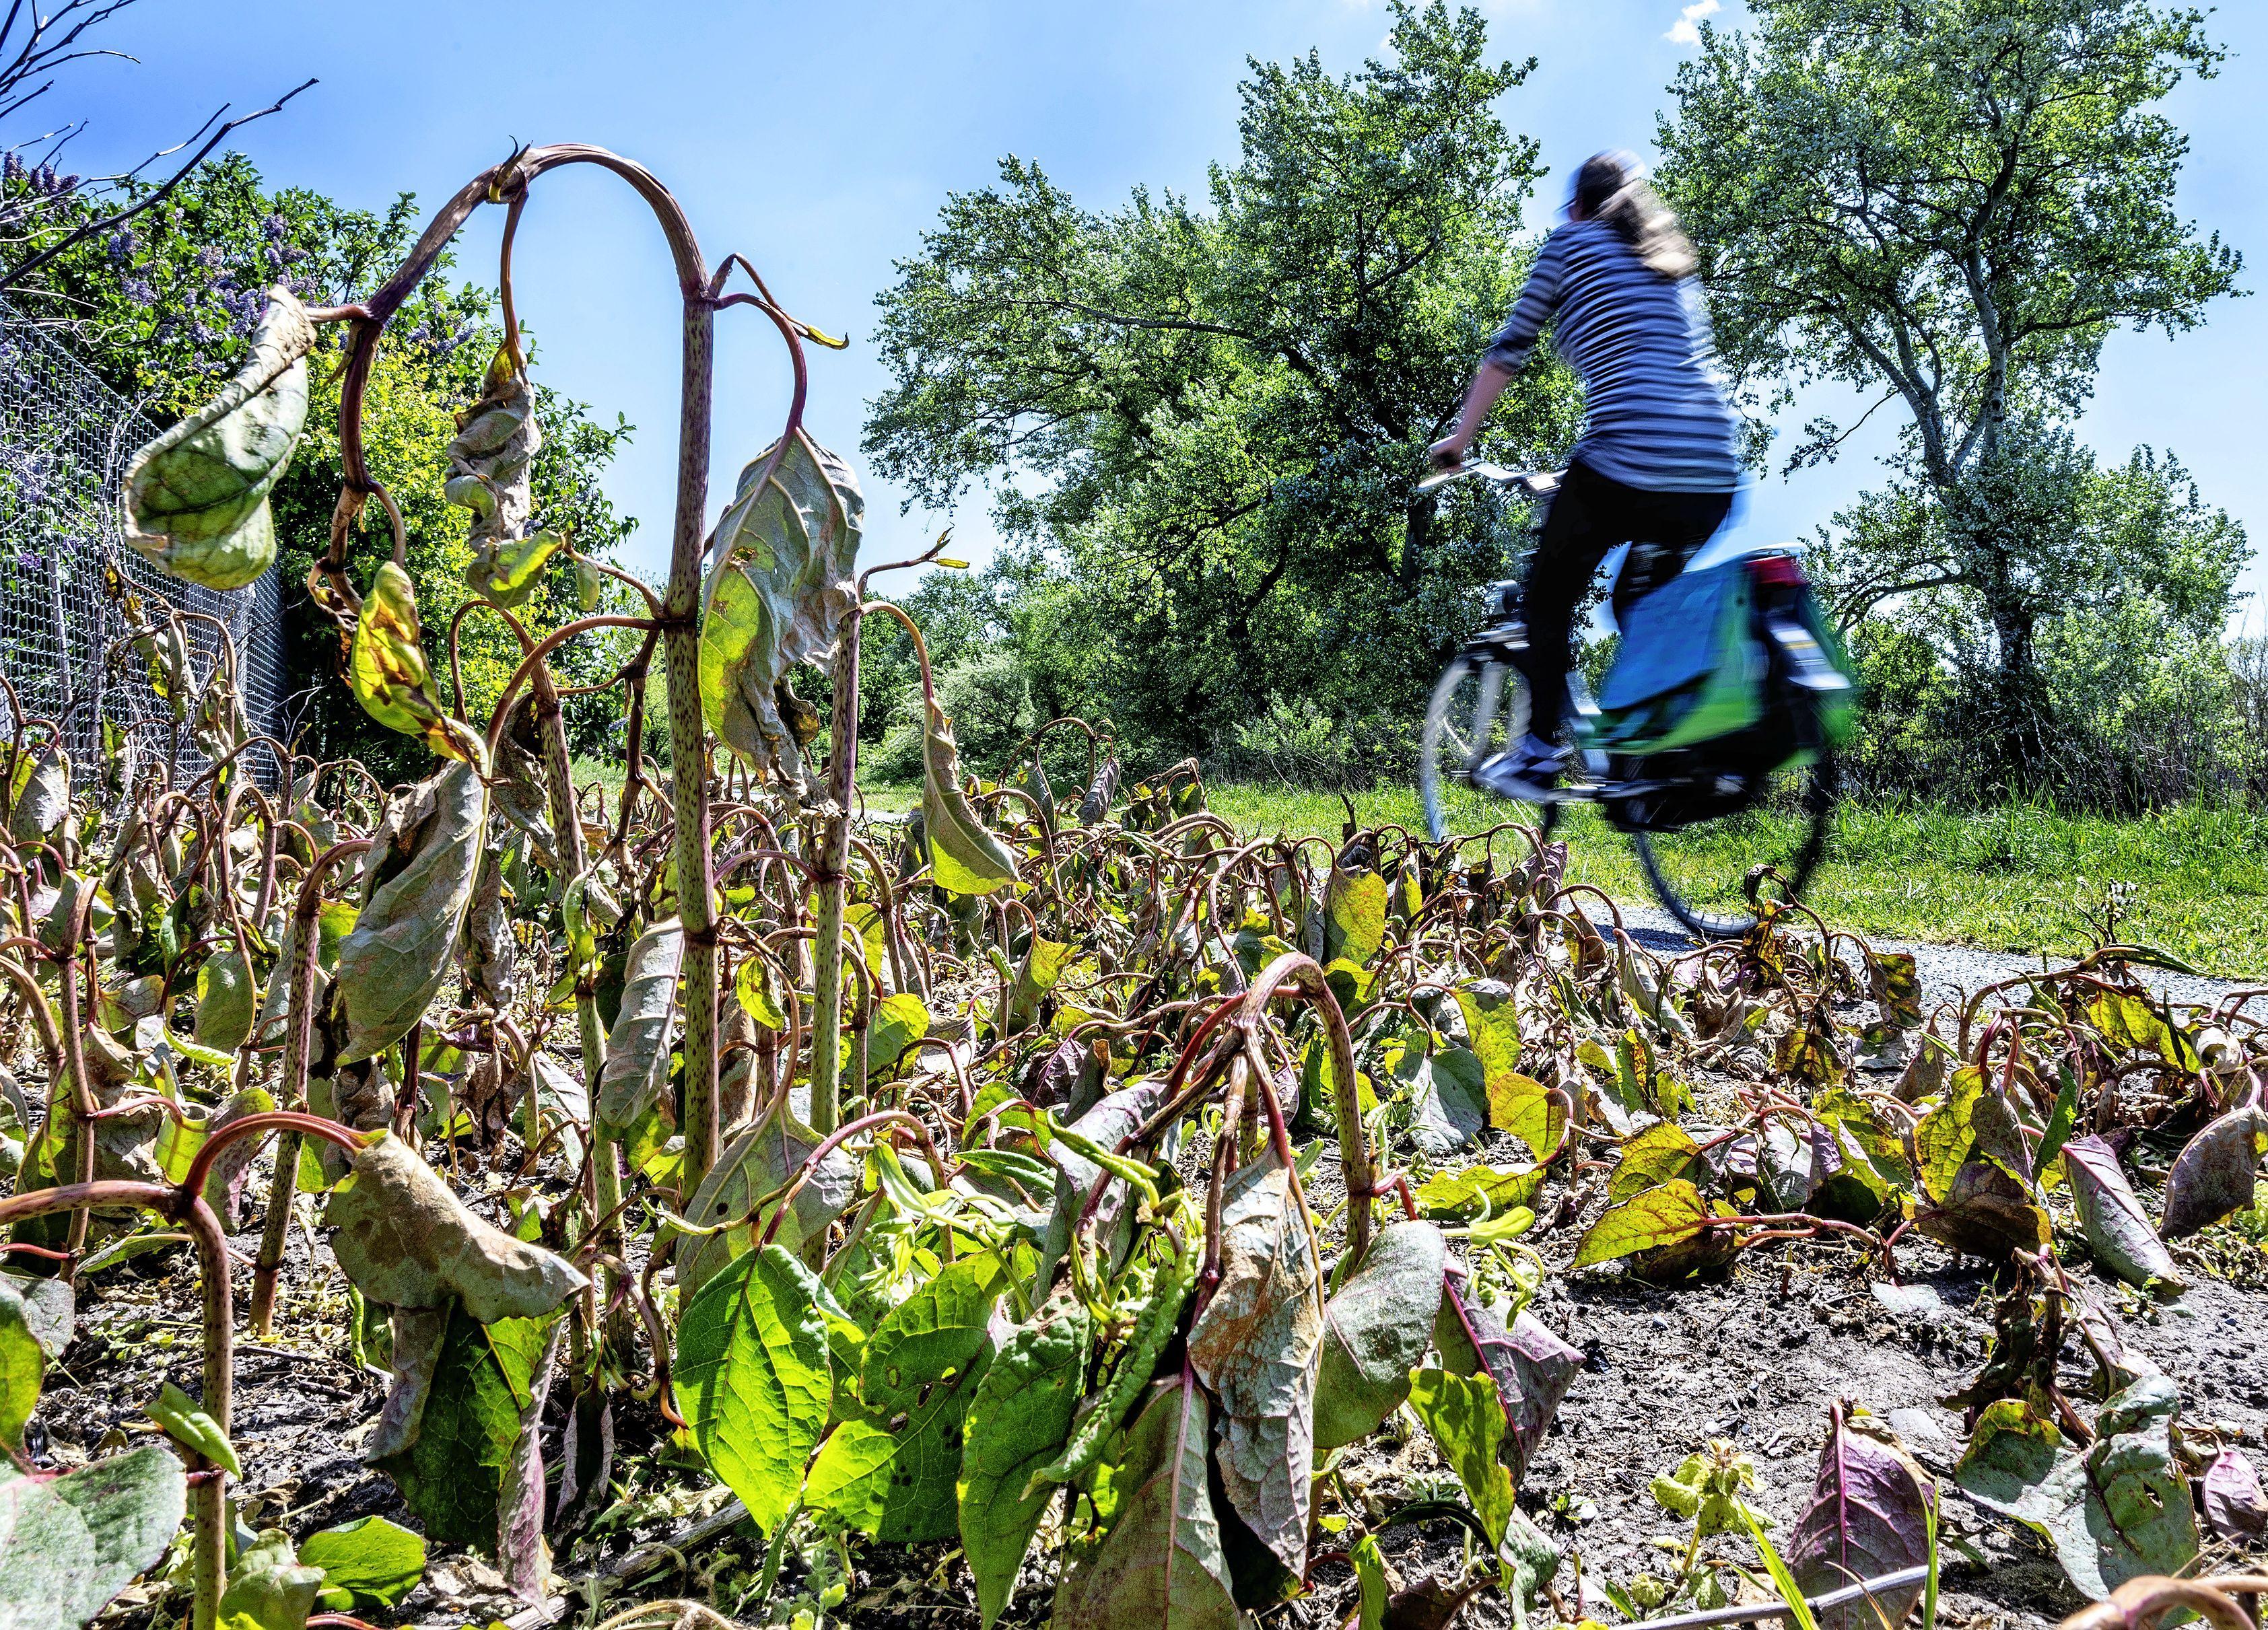 Hardnekkige Japanse duizendknoop woekert voort in de Noordkop. 'Plaagplant nummer één' bestreden met stroom, kokend water en Roundup